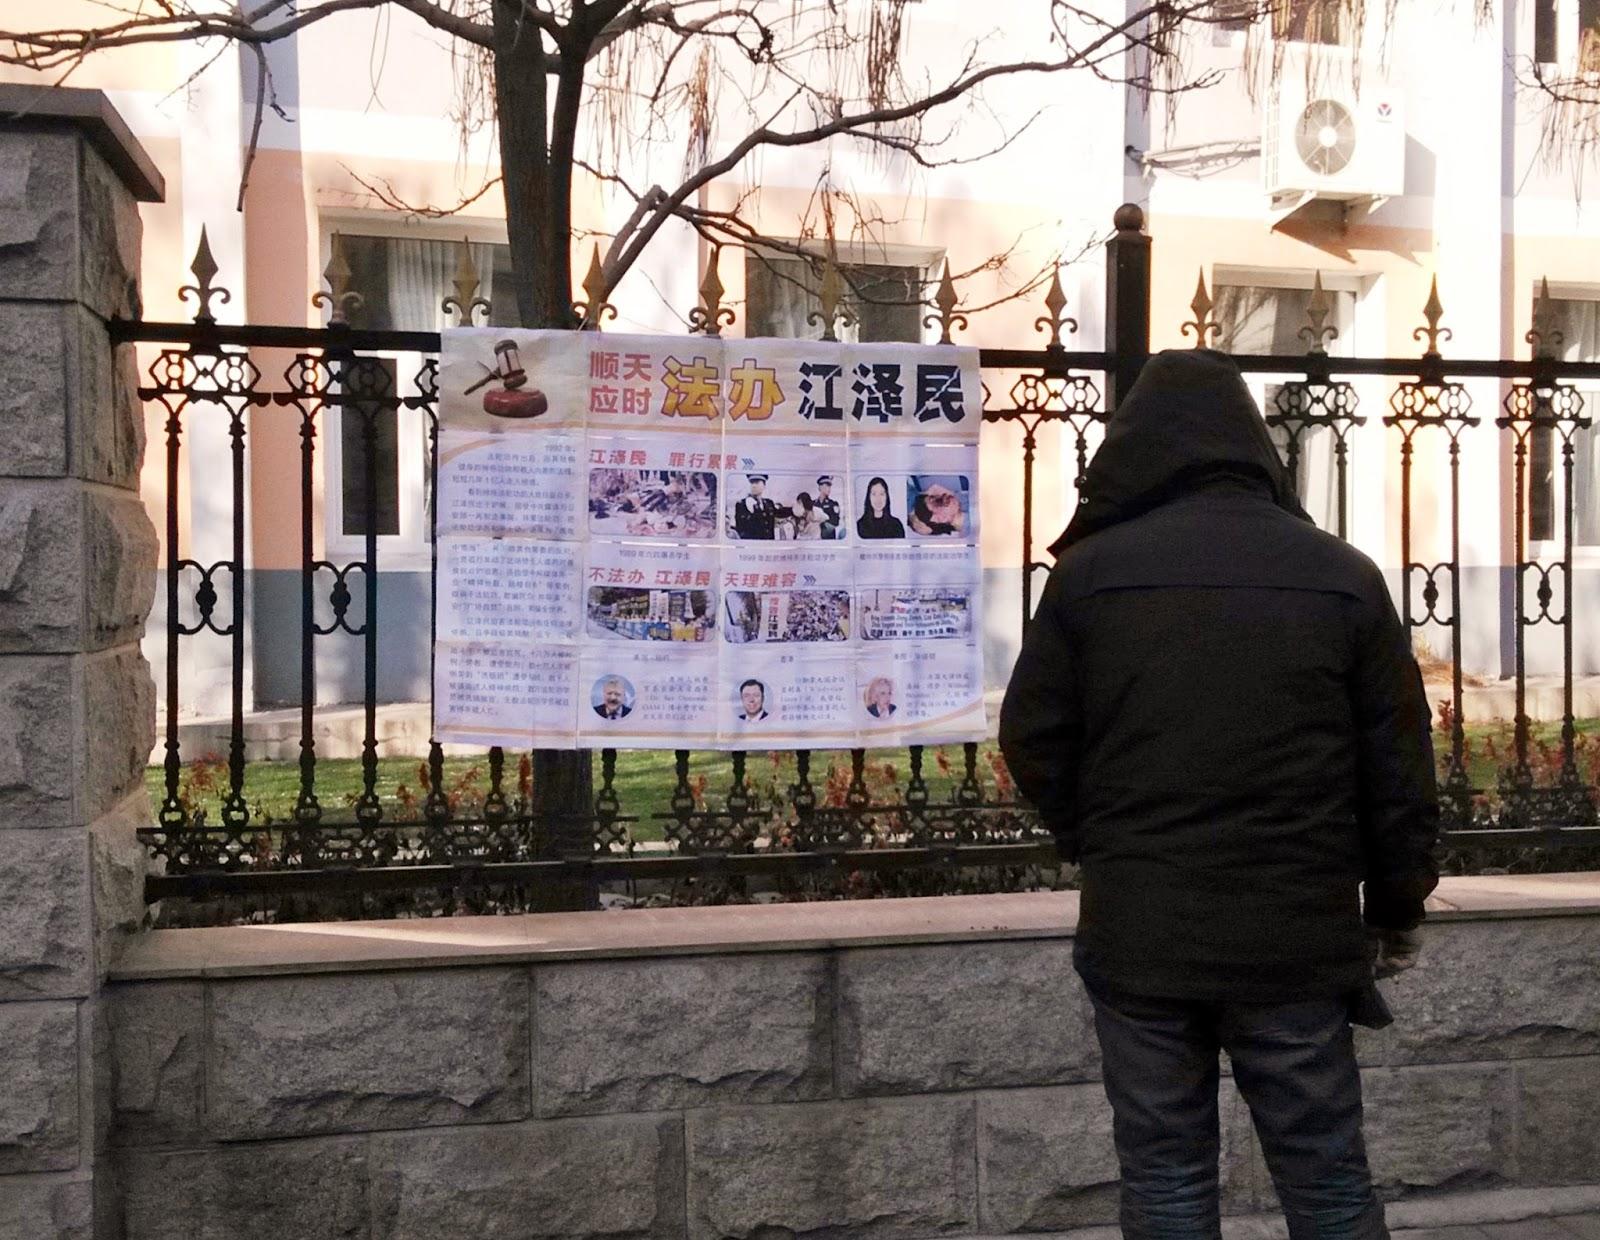 2015-11-28-minghui-changchun-sujiang-posters-05.jpg